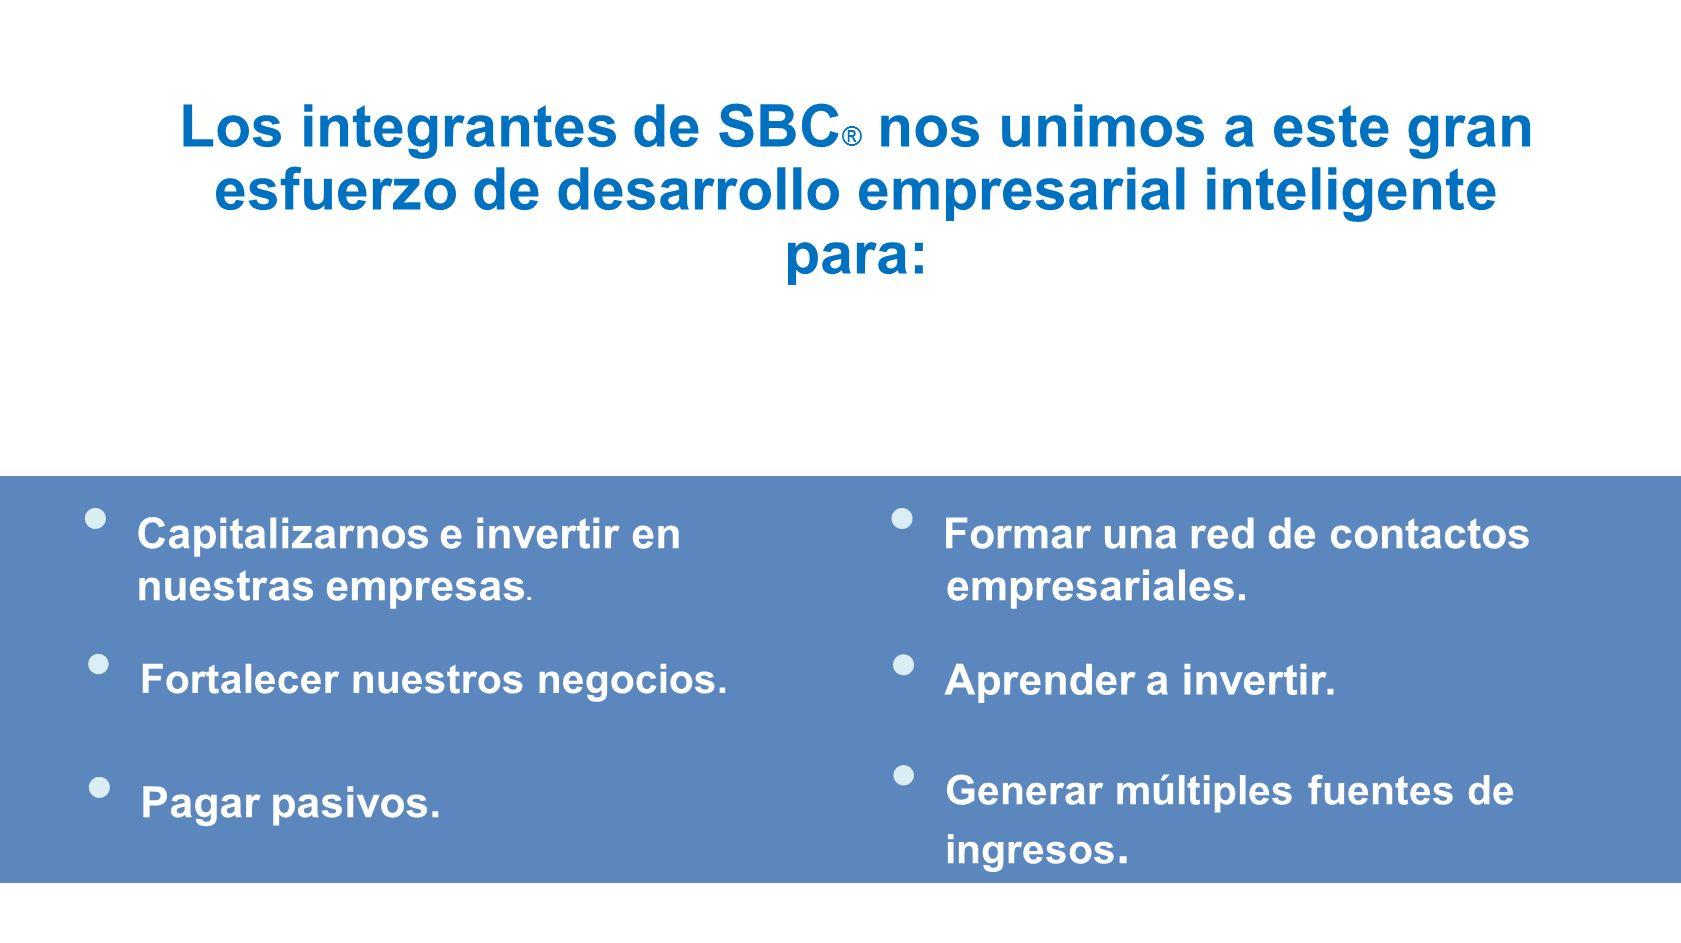 Los integrantes de SBC ® nos unimos a este gran esfuerzo de desarrollo empresarial inteligente para: Fortalecer nuestros negocios.